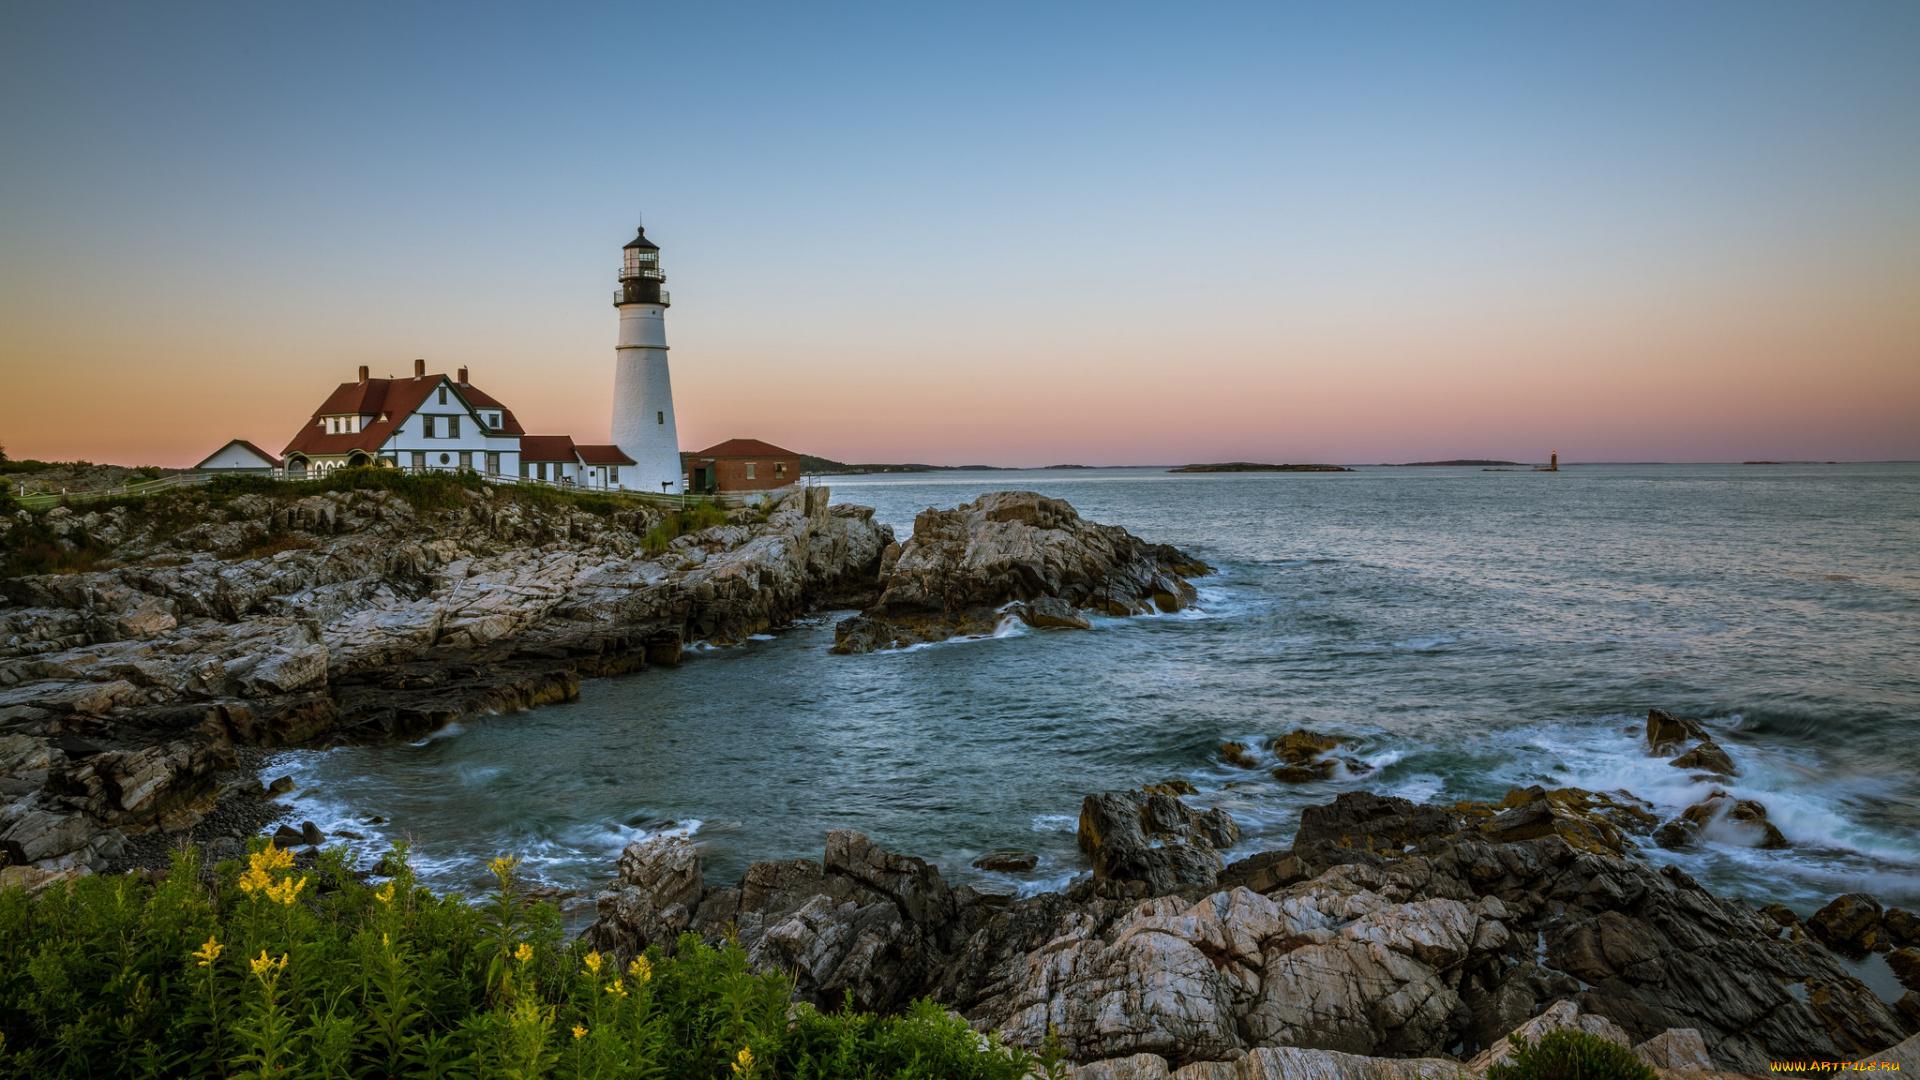 природа маяк море скалы  № 2238415 загрузить